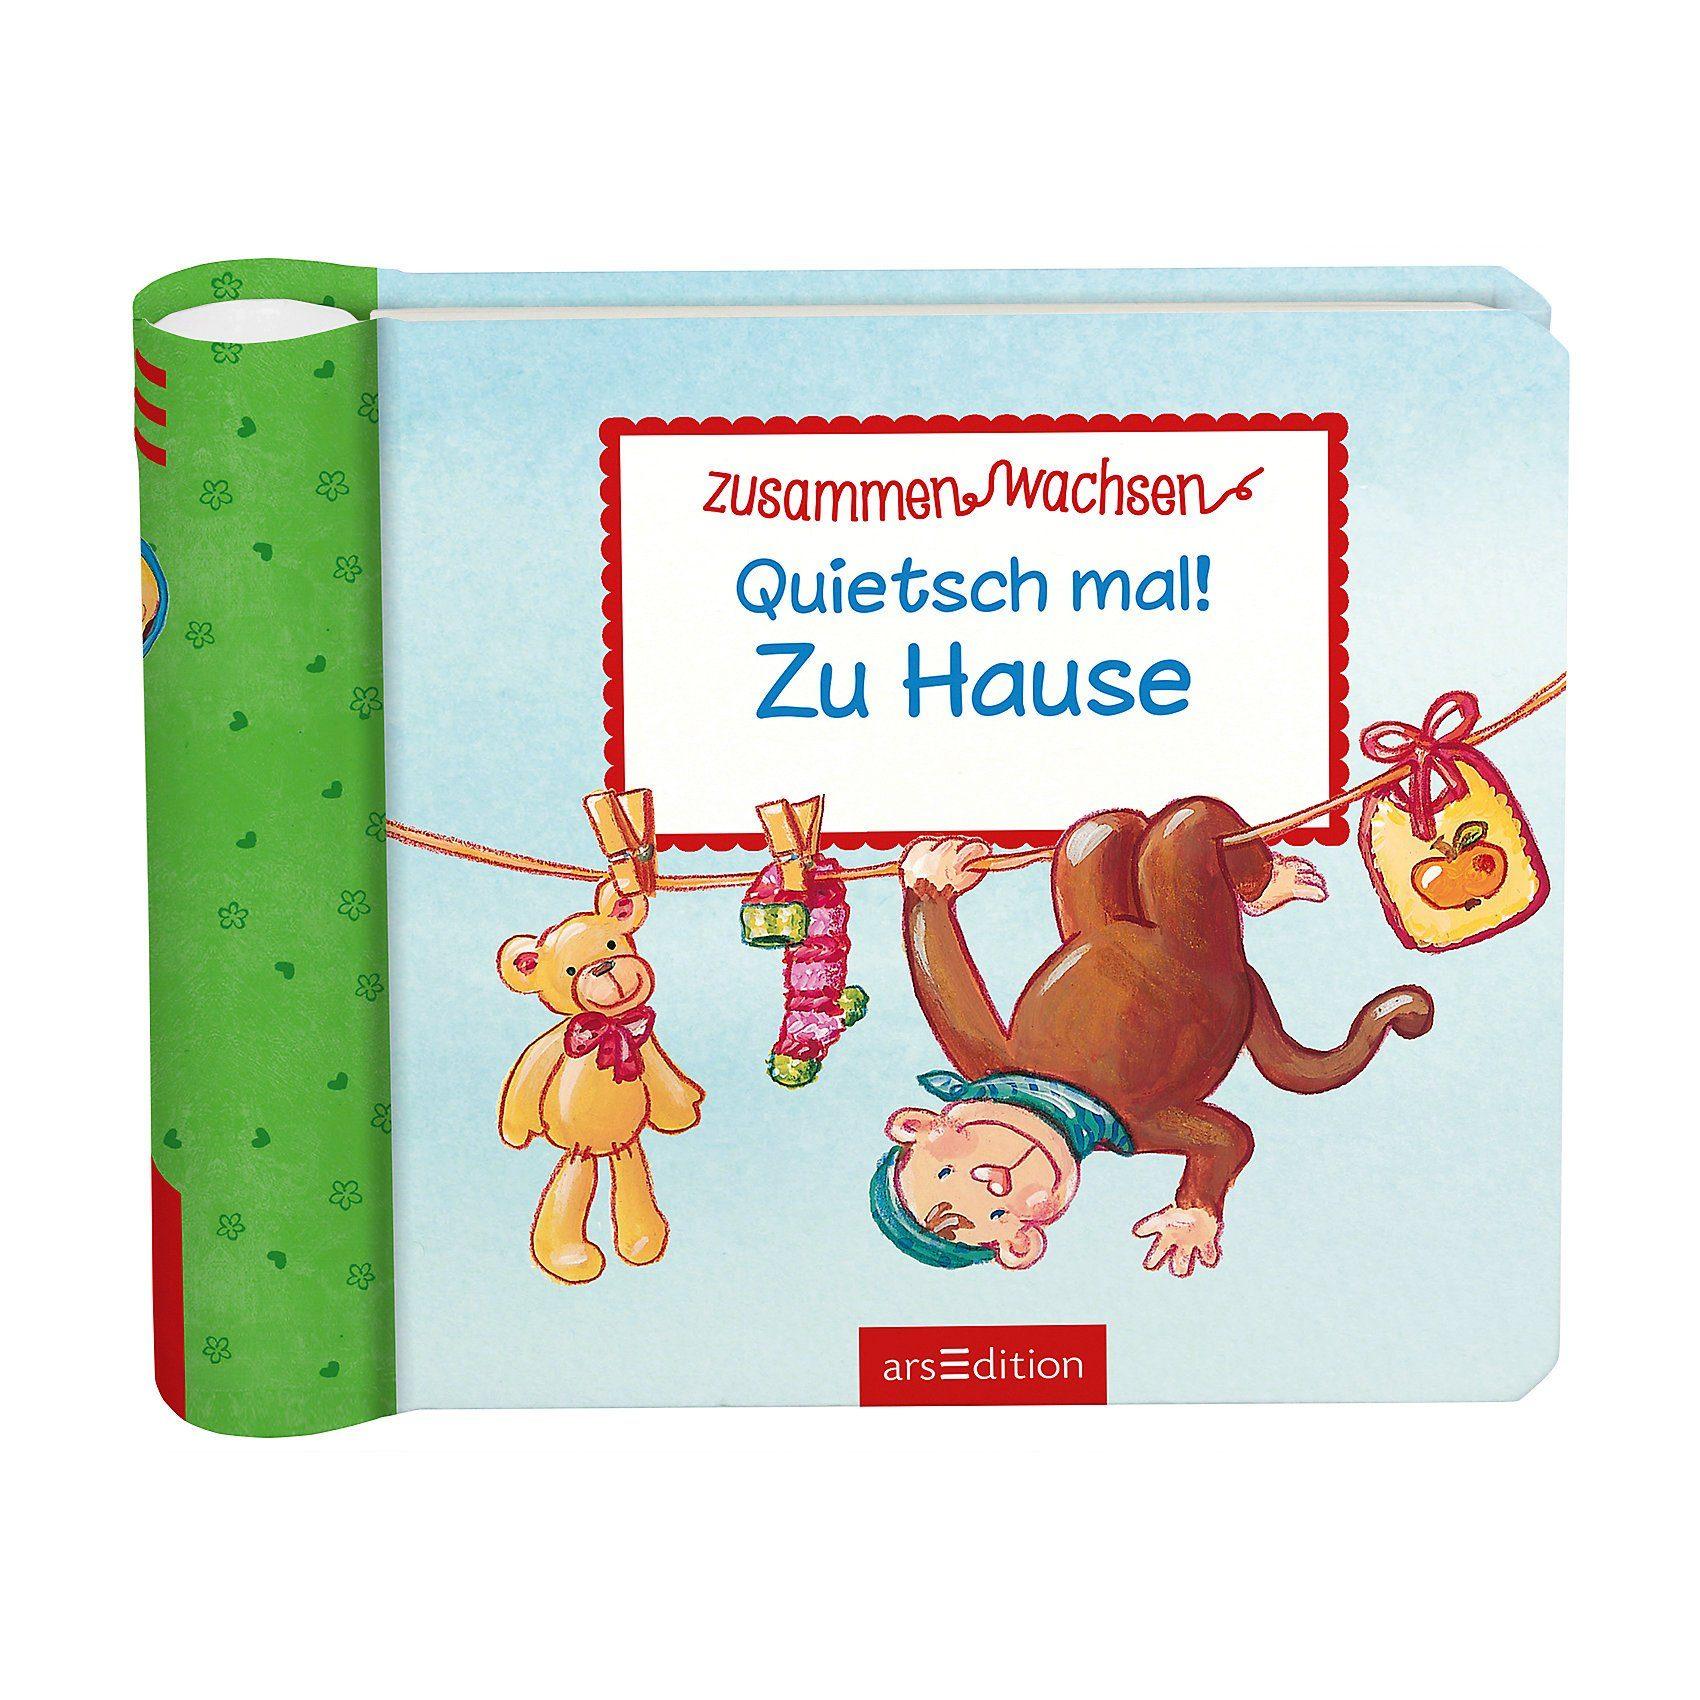 arsEdition Verlag Quietsch mal! Zu Hause